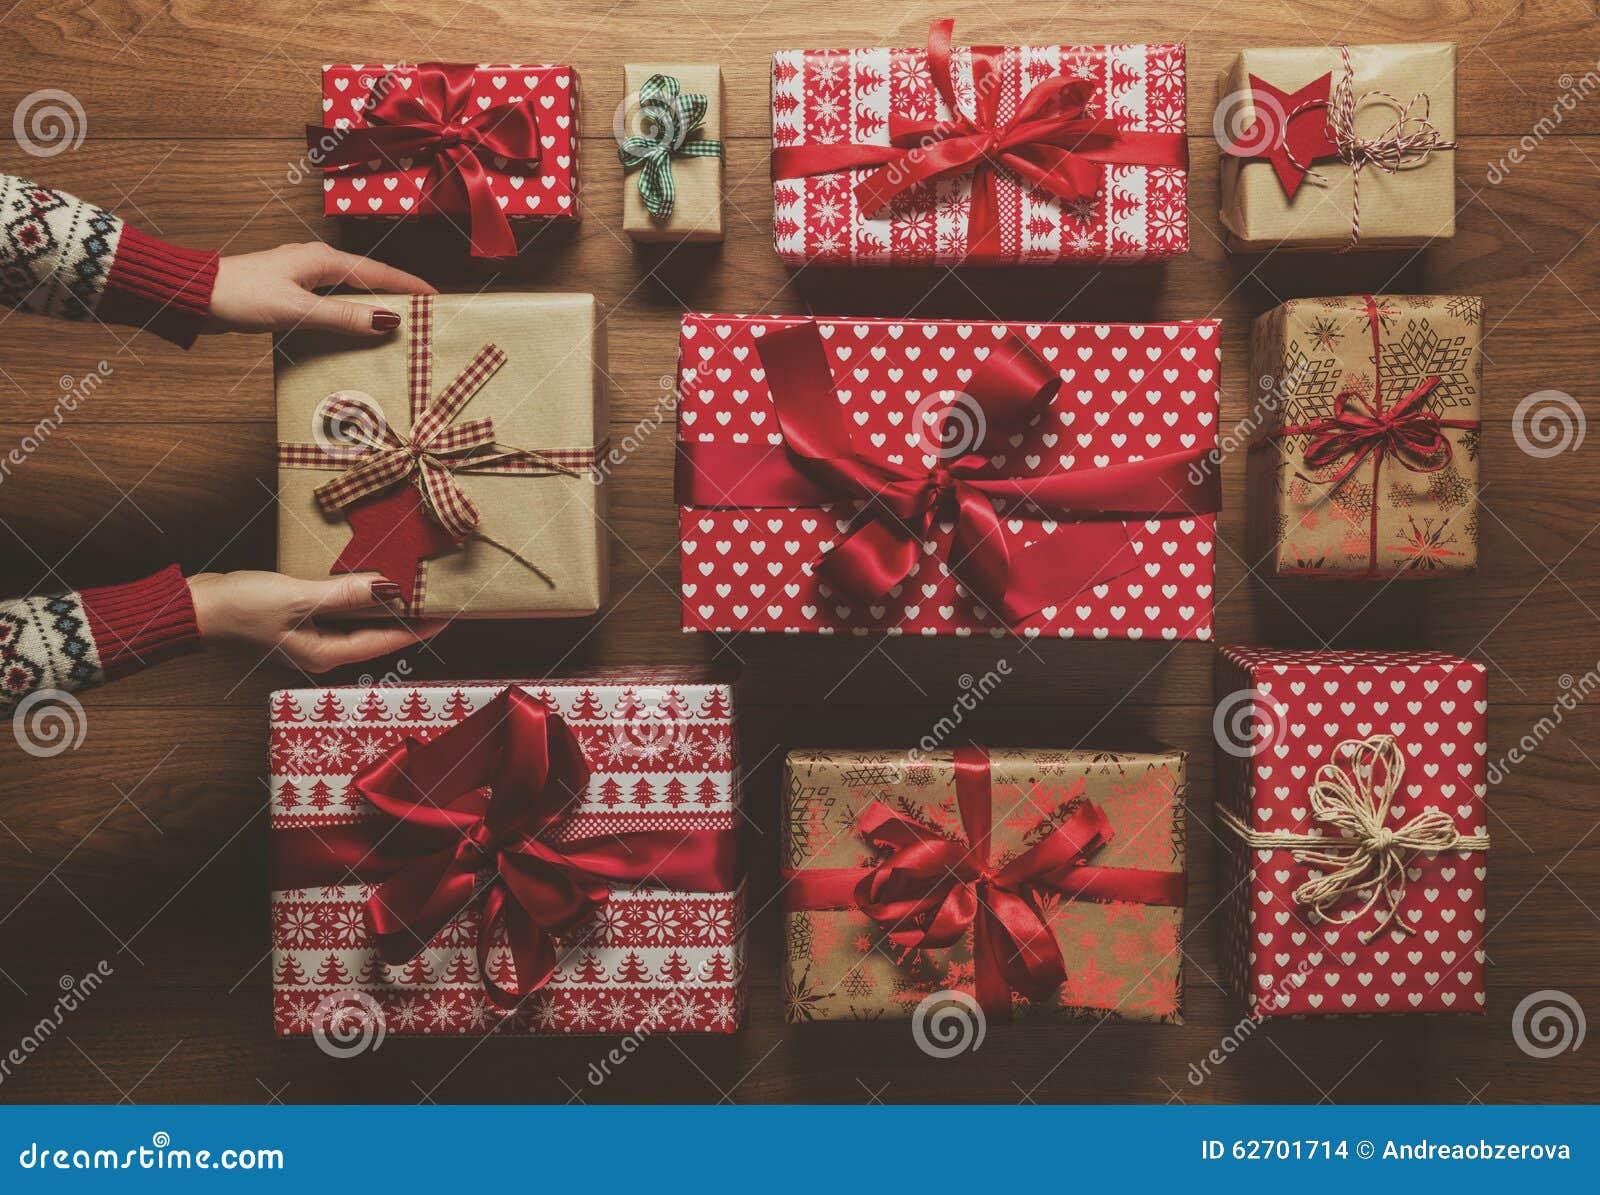 组织从上面美妙地被包裹的葡萄酒圣诞节礼物,与阴霾,看法的图象的妇女